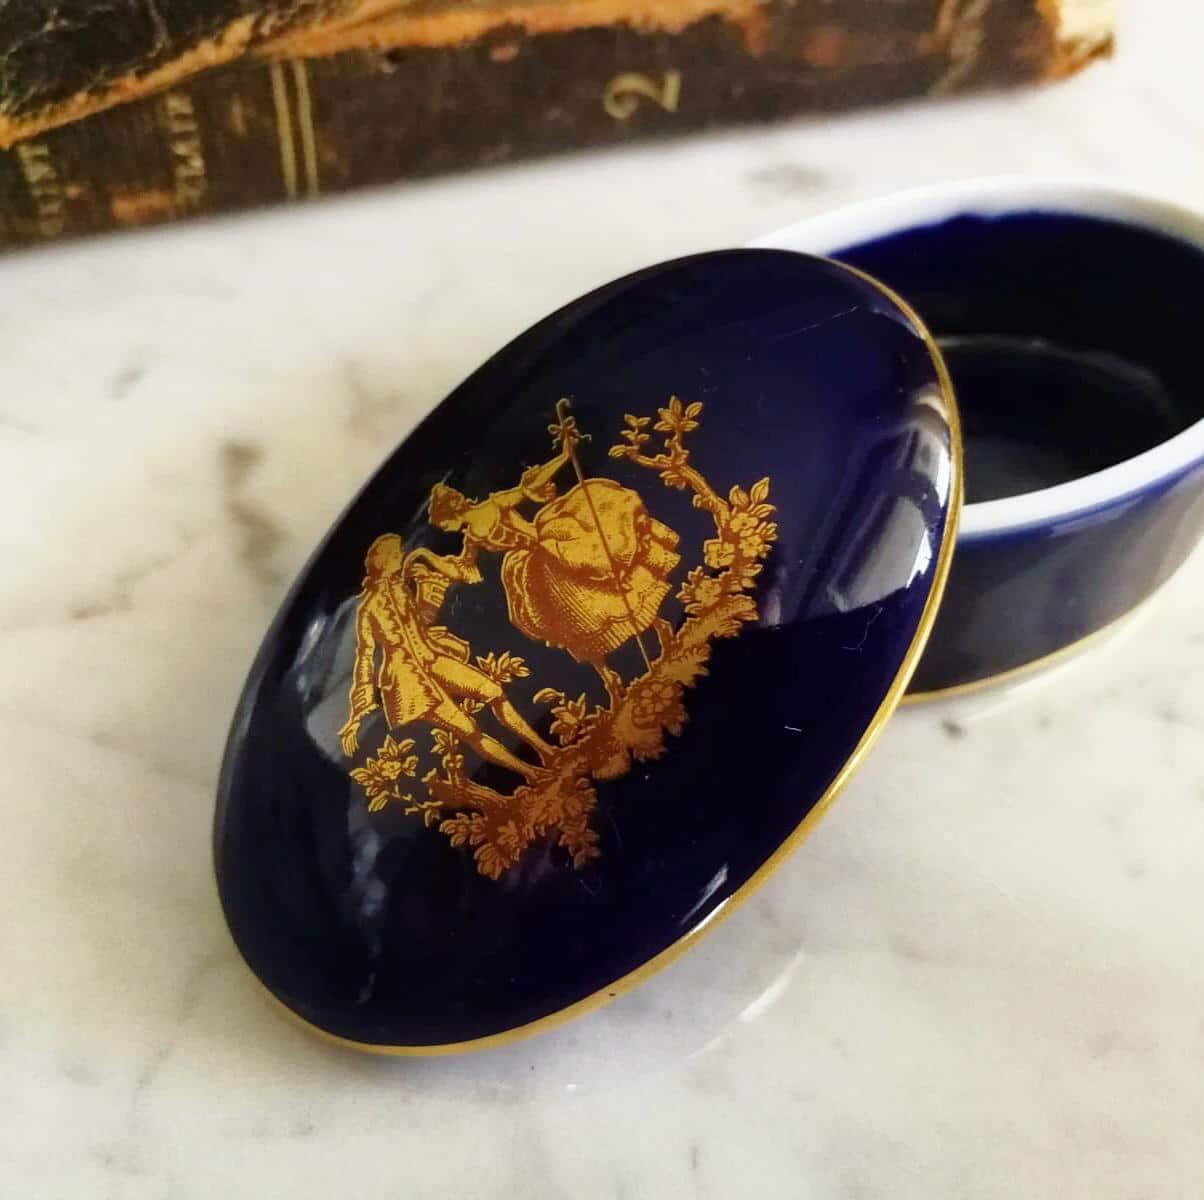 scatoletta vintage limoges porcellana francia blu con decori a mano oro originale